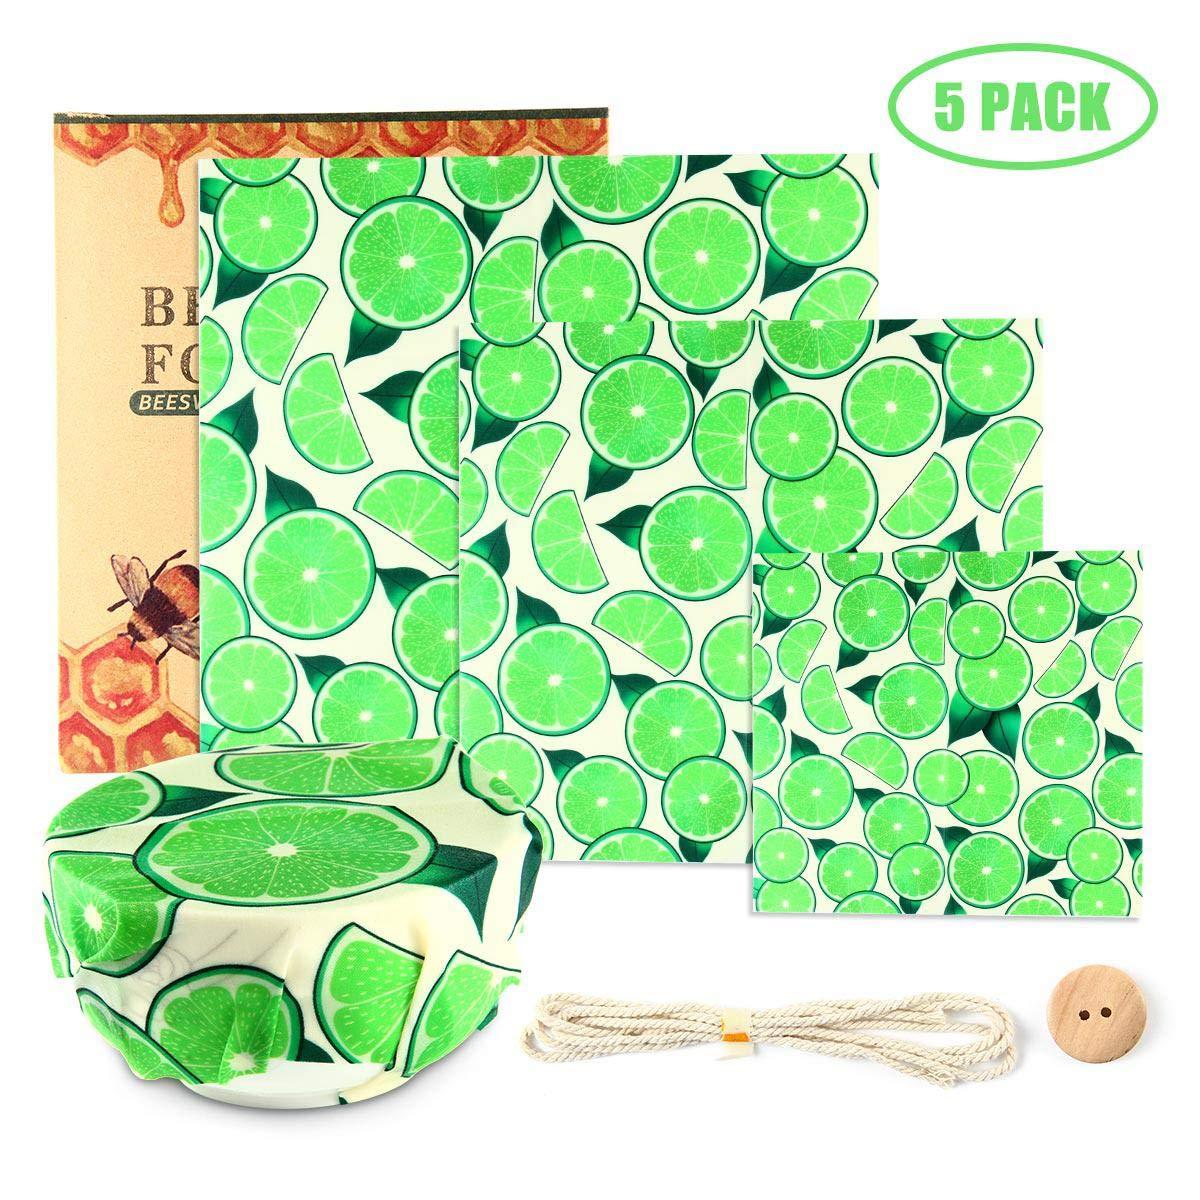 Couvercle Daliments Cir/é Womdee Feuilles demballage Daliments R/éutilisables Paquet De 3 Emballages De Cire dabeille Stockage Daliments pour Enveloppes De Cire Dabeilles